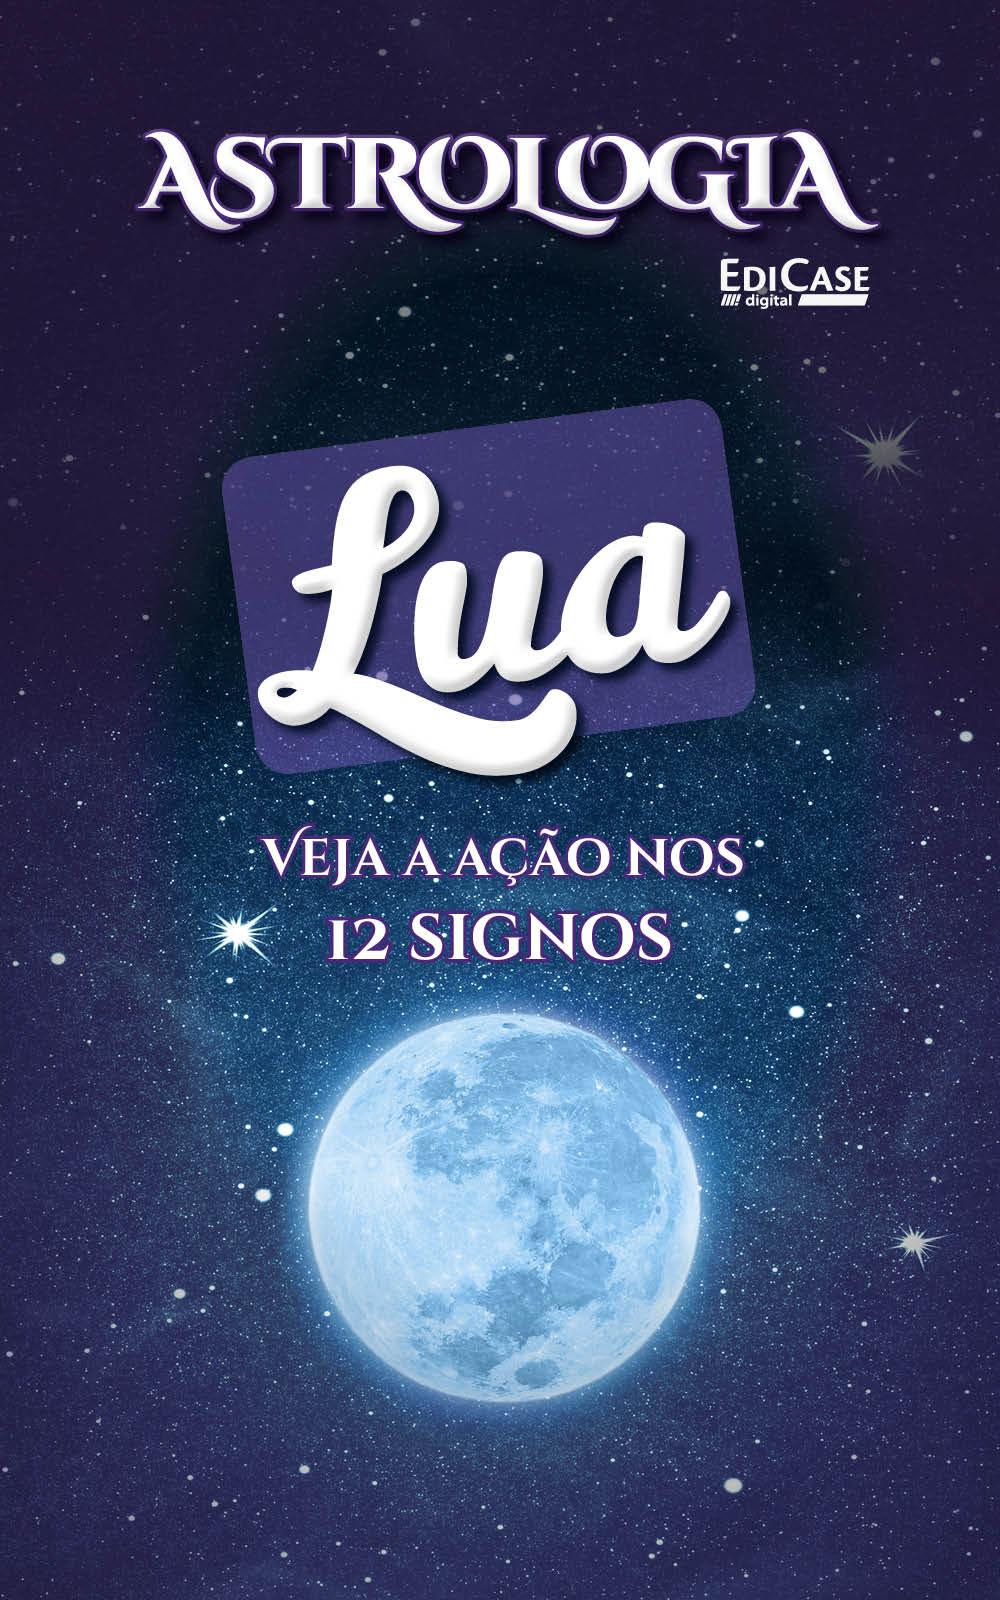 Astrologia Ed. 03 -  LUA - PRODUTO DIGITAL (PDF)  - EdiCase Publicações